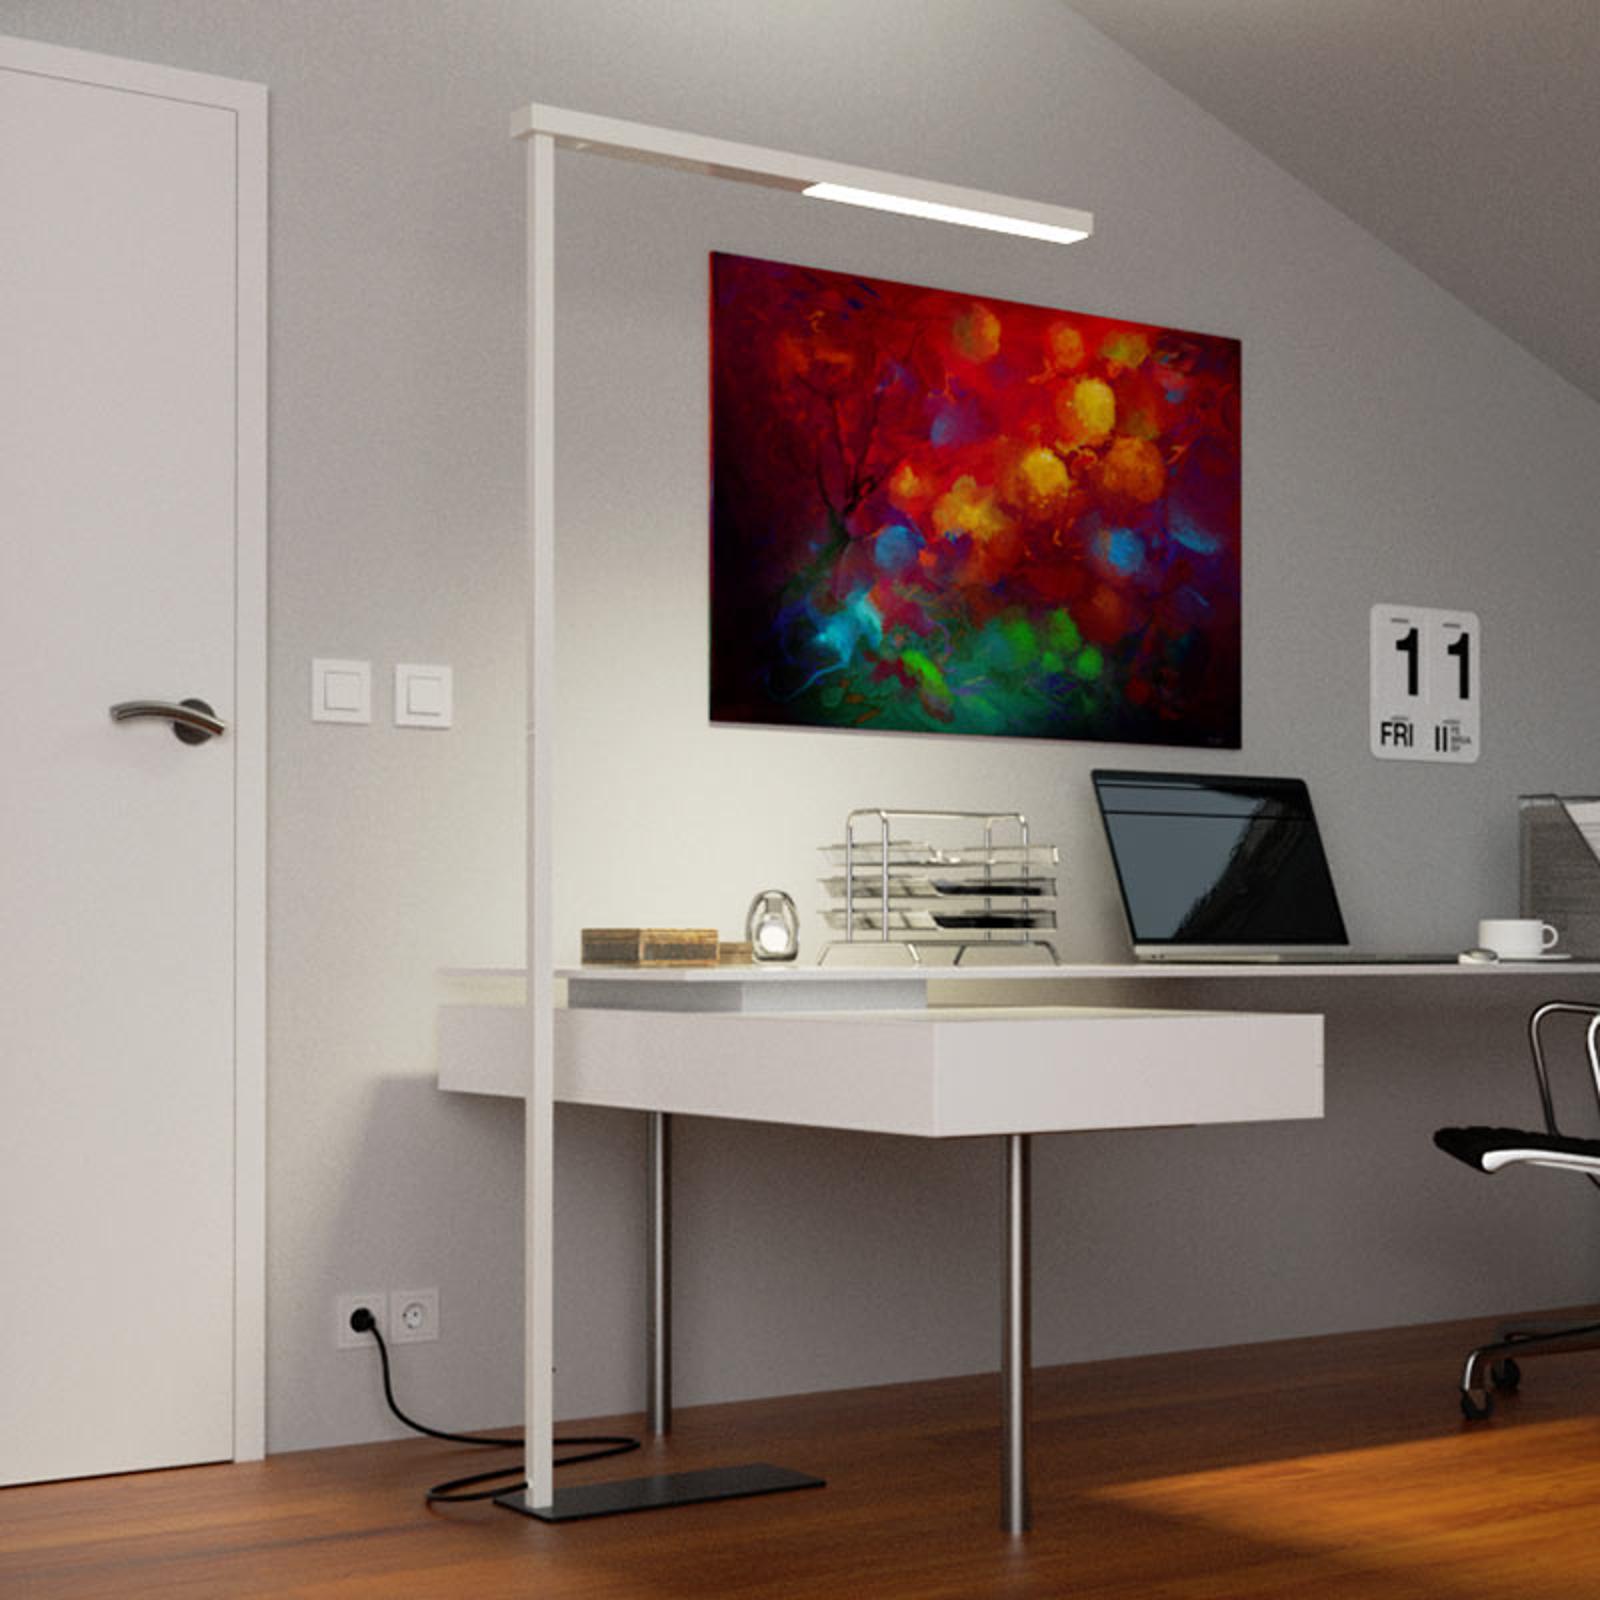 Lampadaire de bureau LED Tamilo étroit, blanc